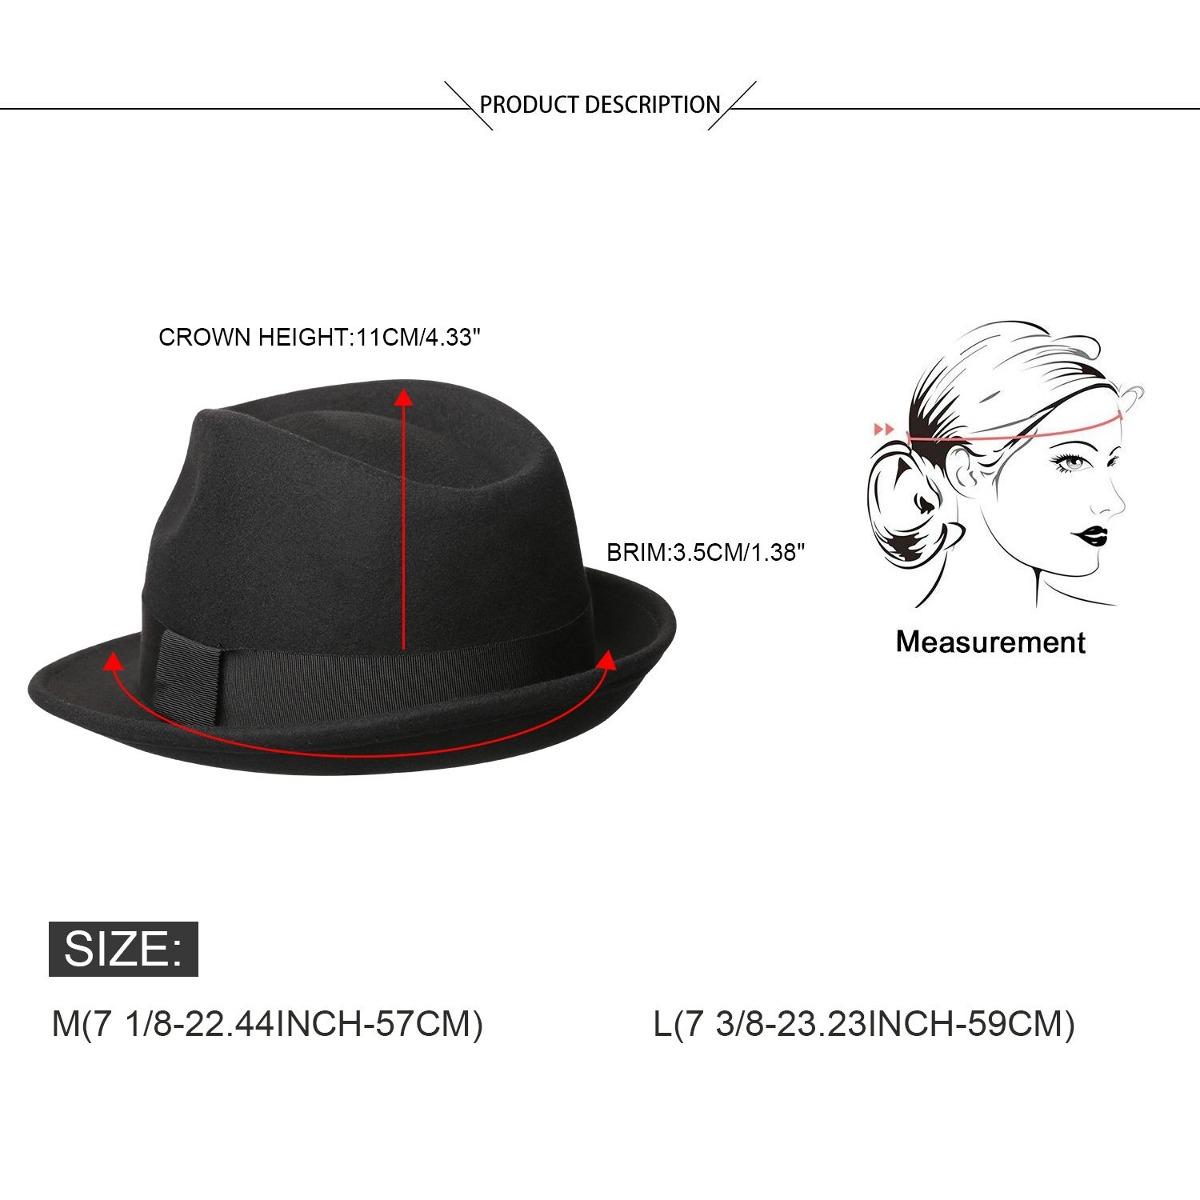 sedancasesa sombrero fedora fedora para hombre sombreros. Cargando zoom... sombrero  hombre sombreros. Cargando zoom. 96c796c5e3a6